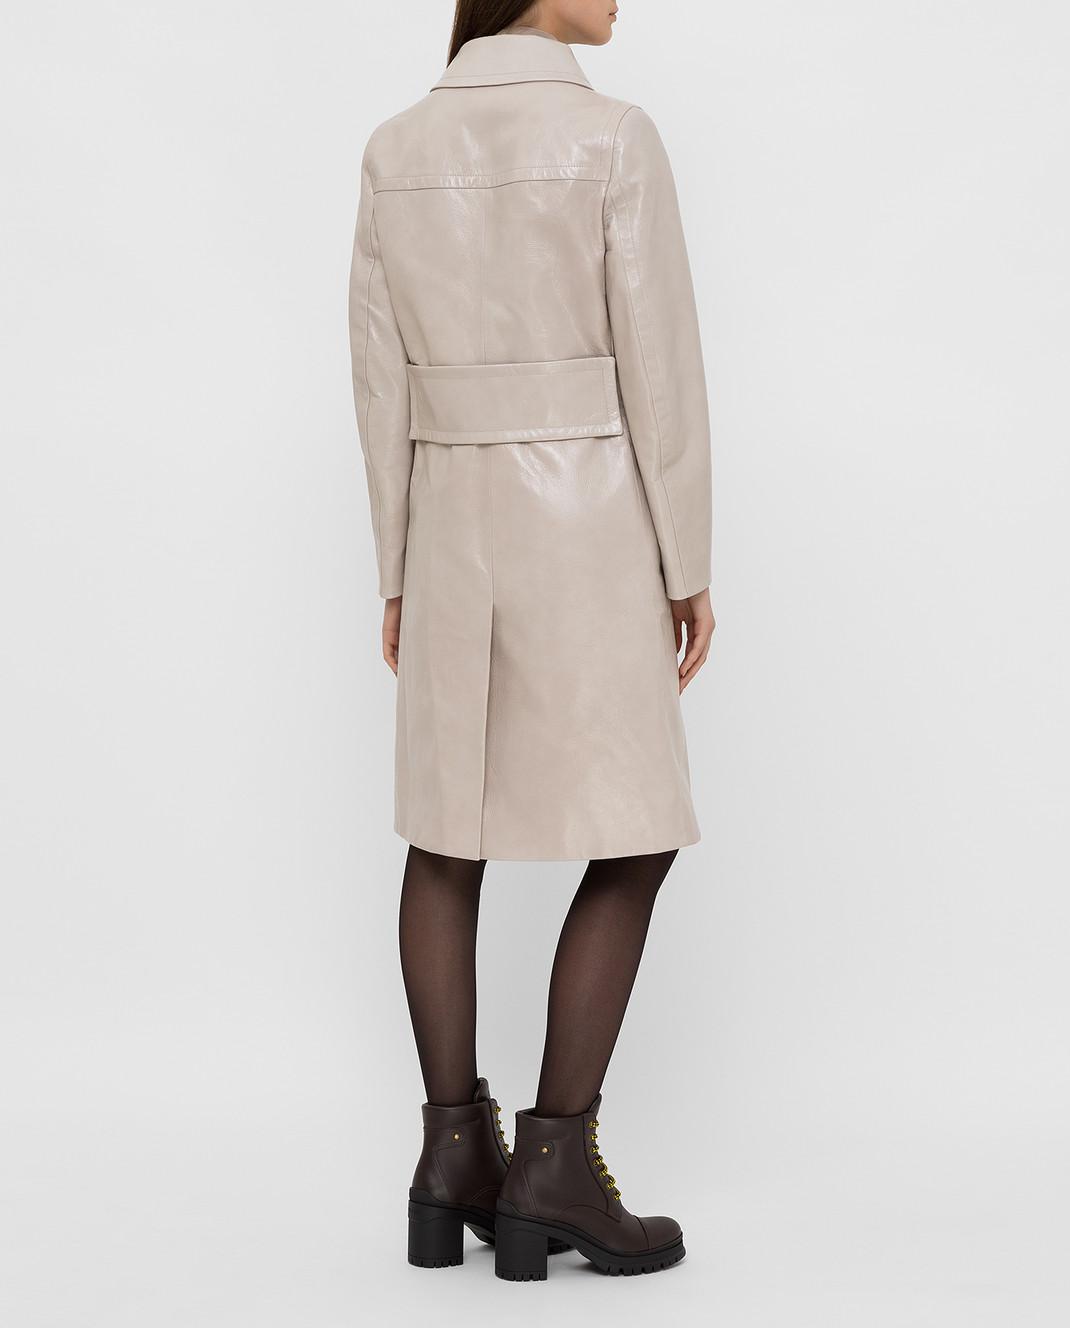 Prada Бежевое кожаное пальто 569031UKQ изображение 4